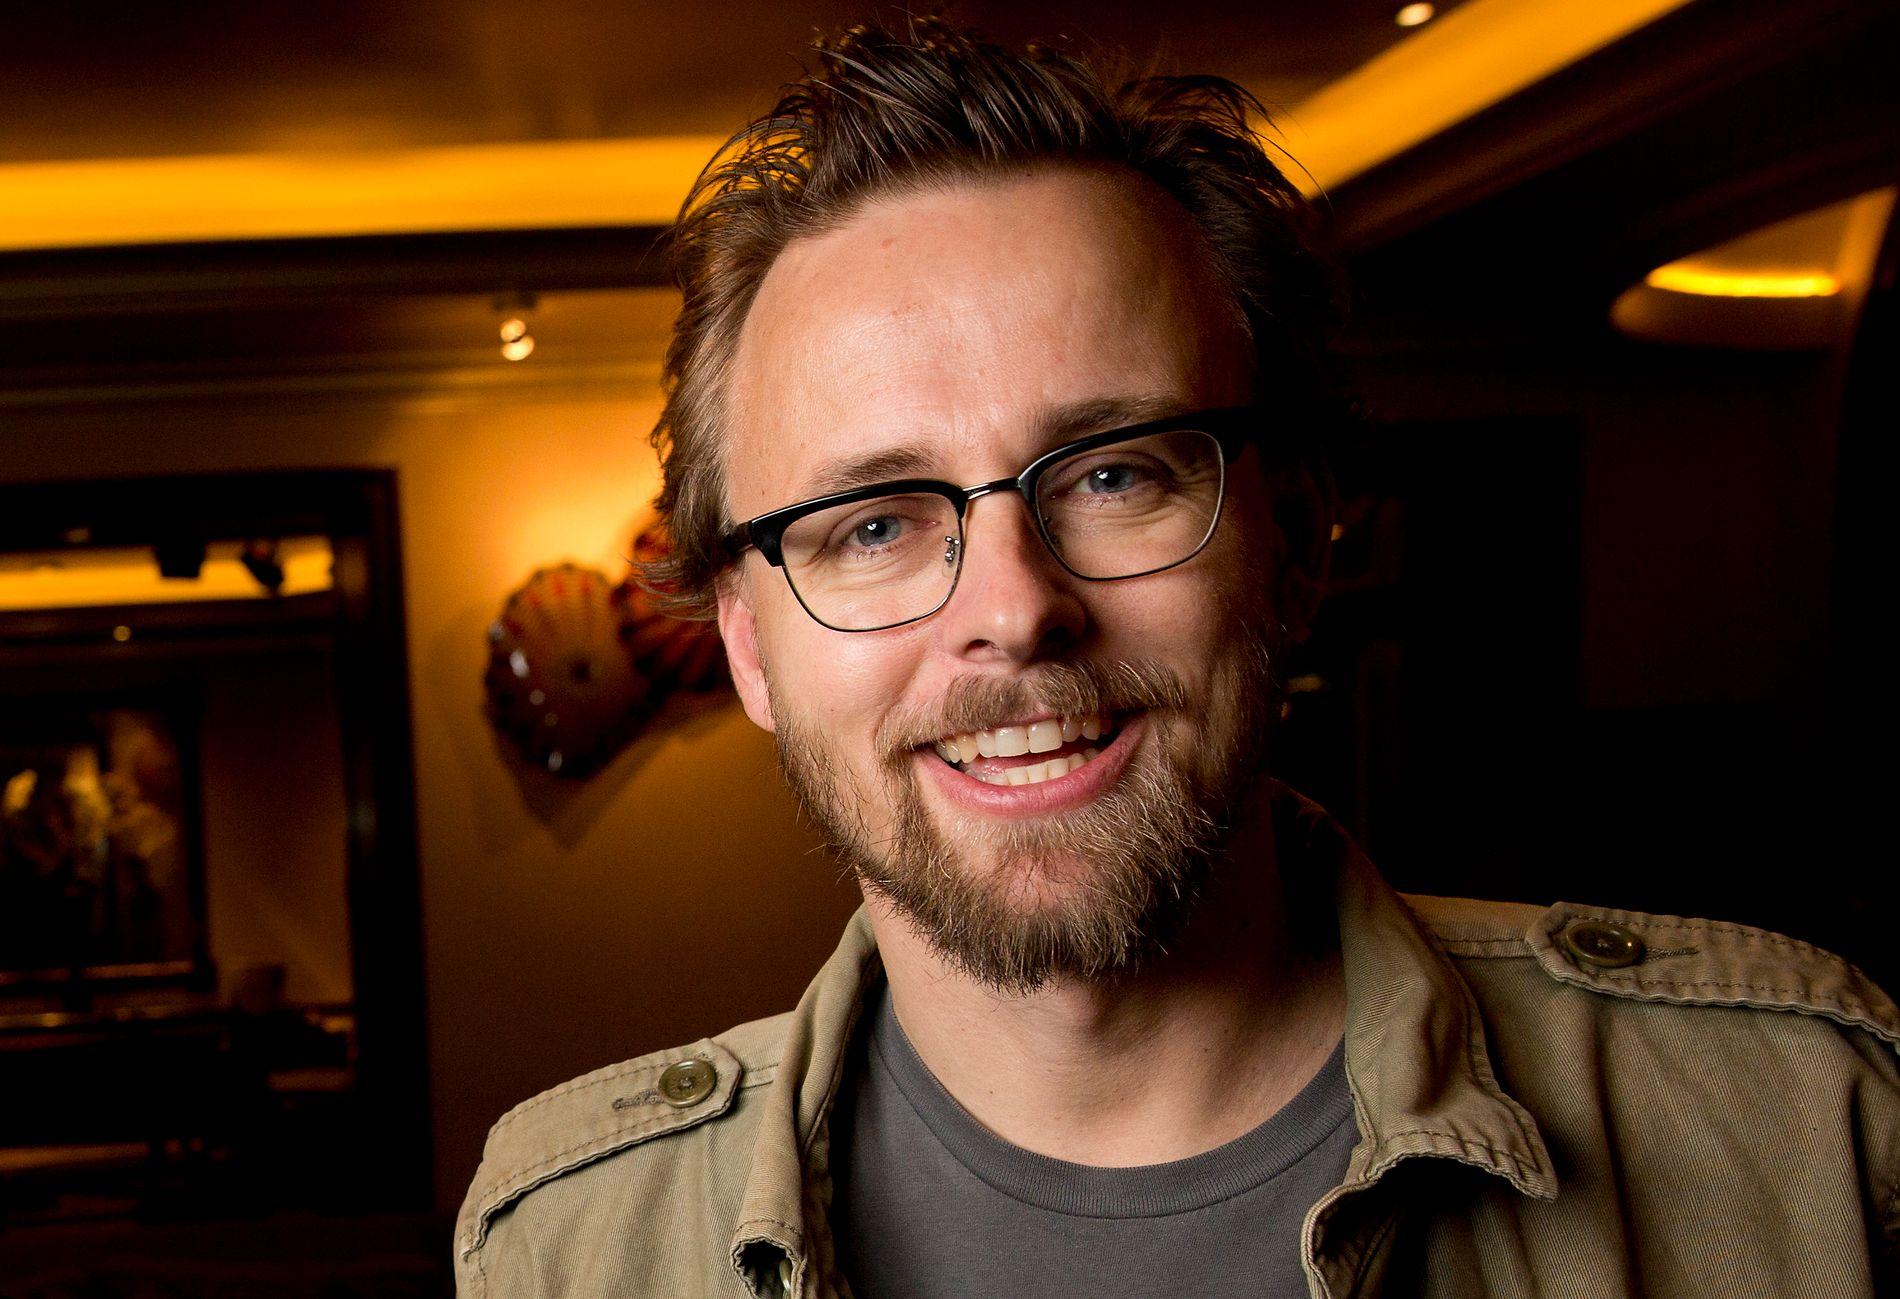 FLERE FILMER FRAMOVER: Joachim Rønning avbildet i Los Angeles i januar 2013, da det ble klart at «Kon-Tiki» var nominert til Beste utenlandske film.